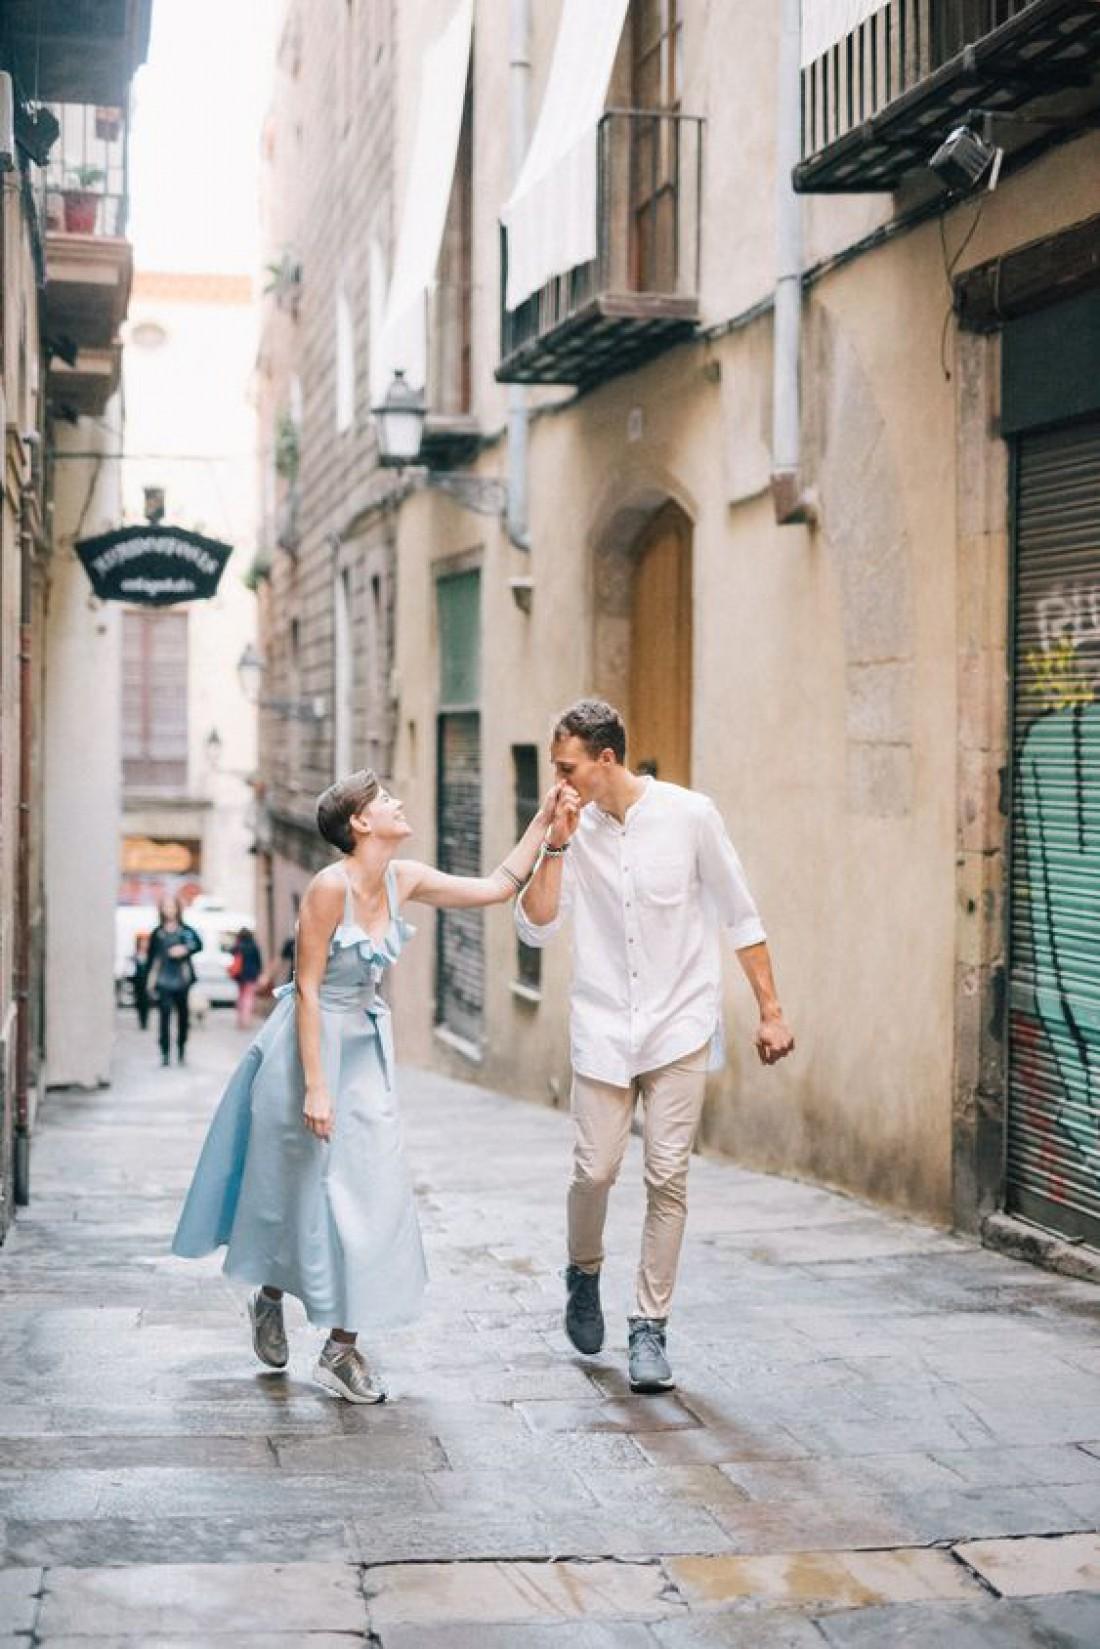 4 мифа об идеальных парах, которые портят ваши отношения